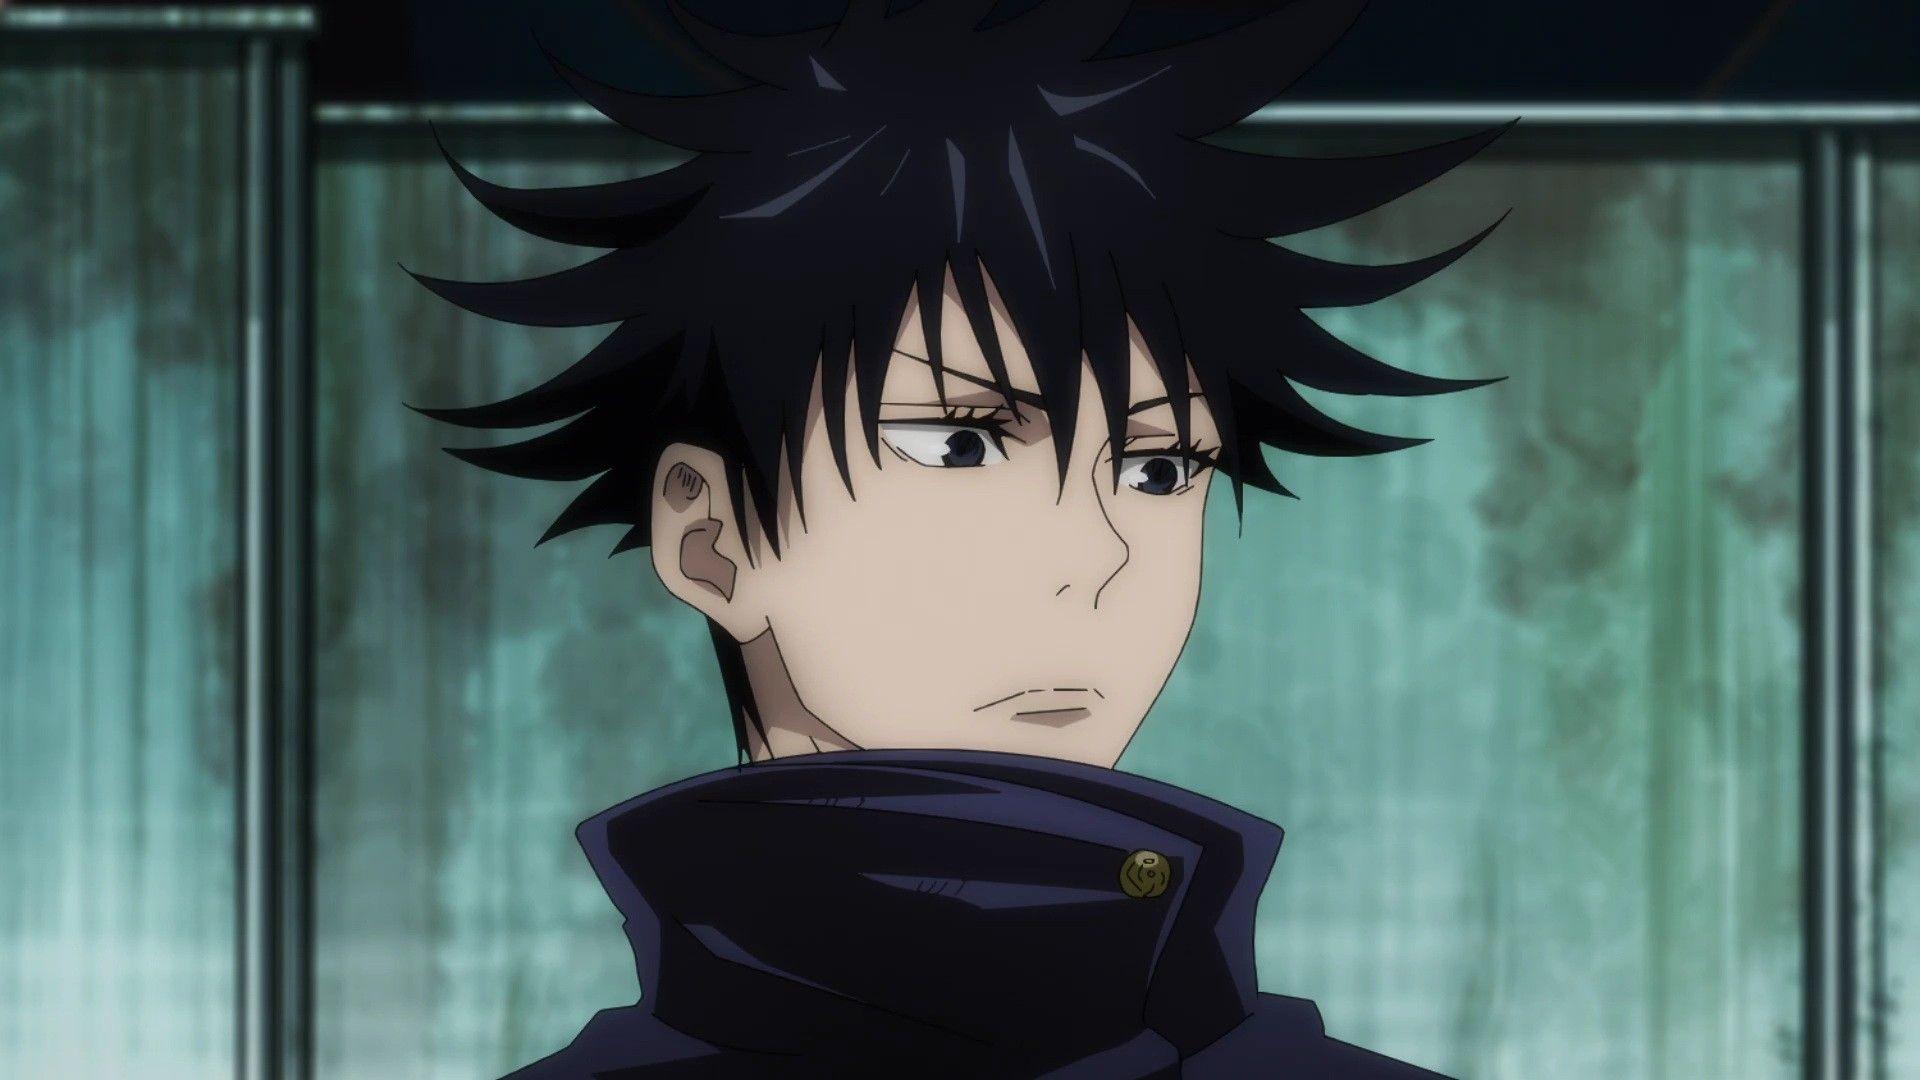 Megumi Fushiguro Jujutsu Kaisen Jujutsu Kingdom Hearts Anime Anime Crossover